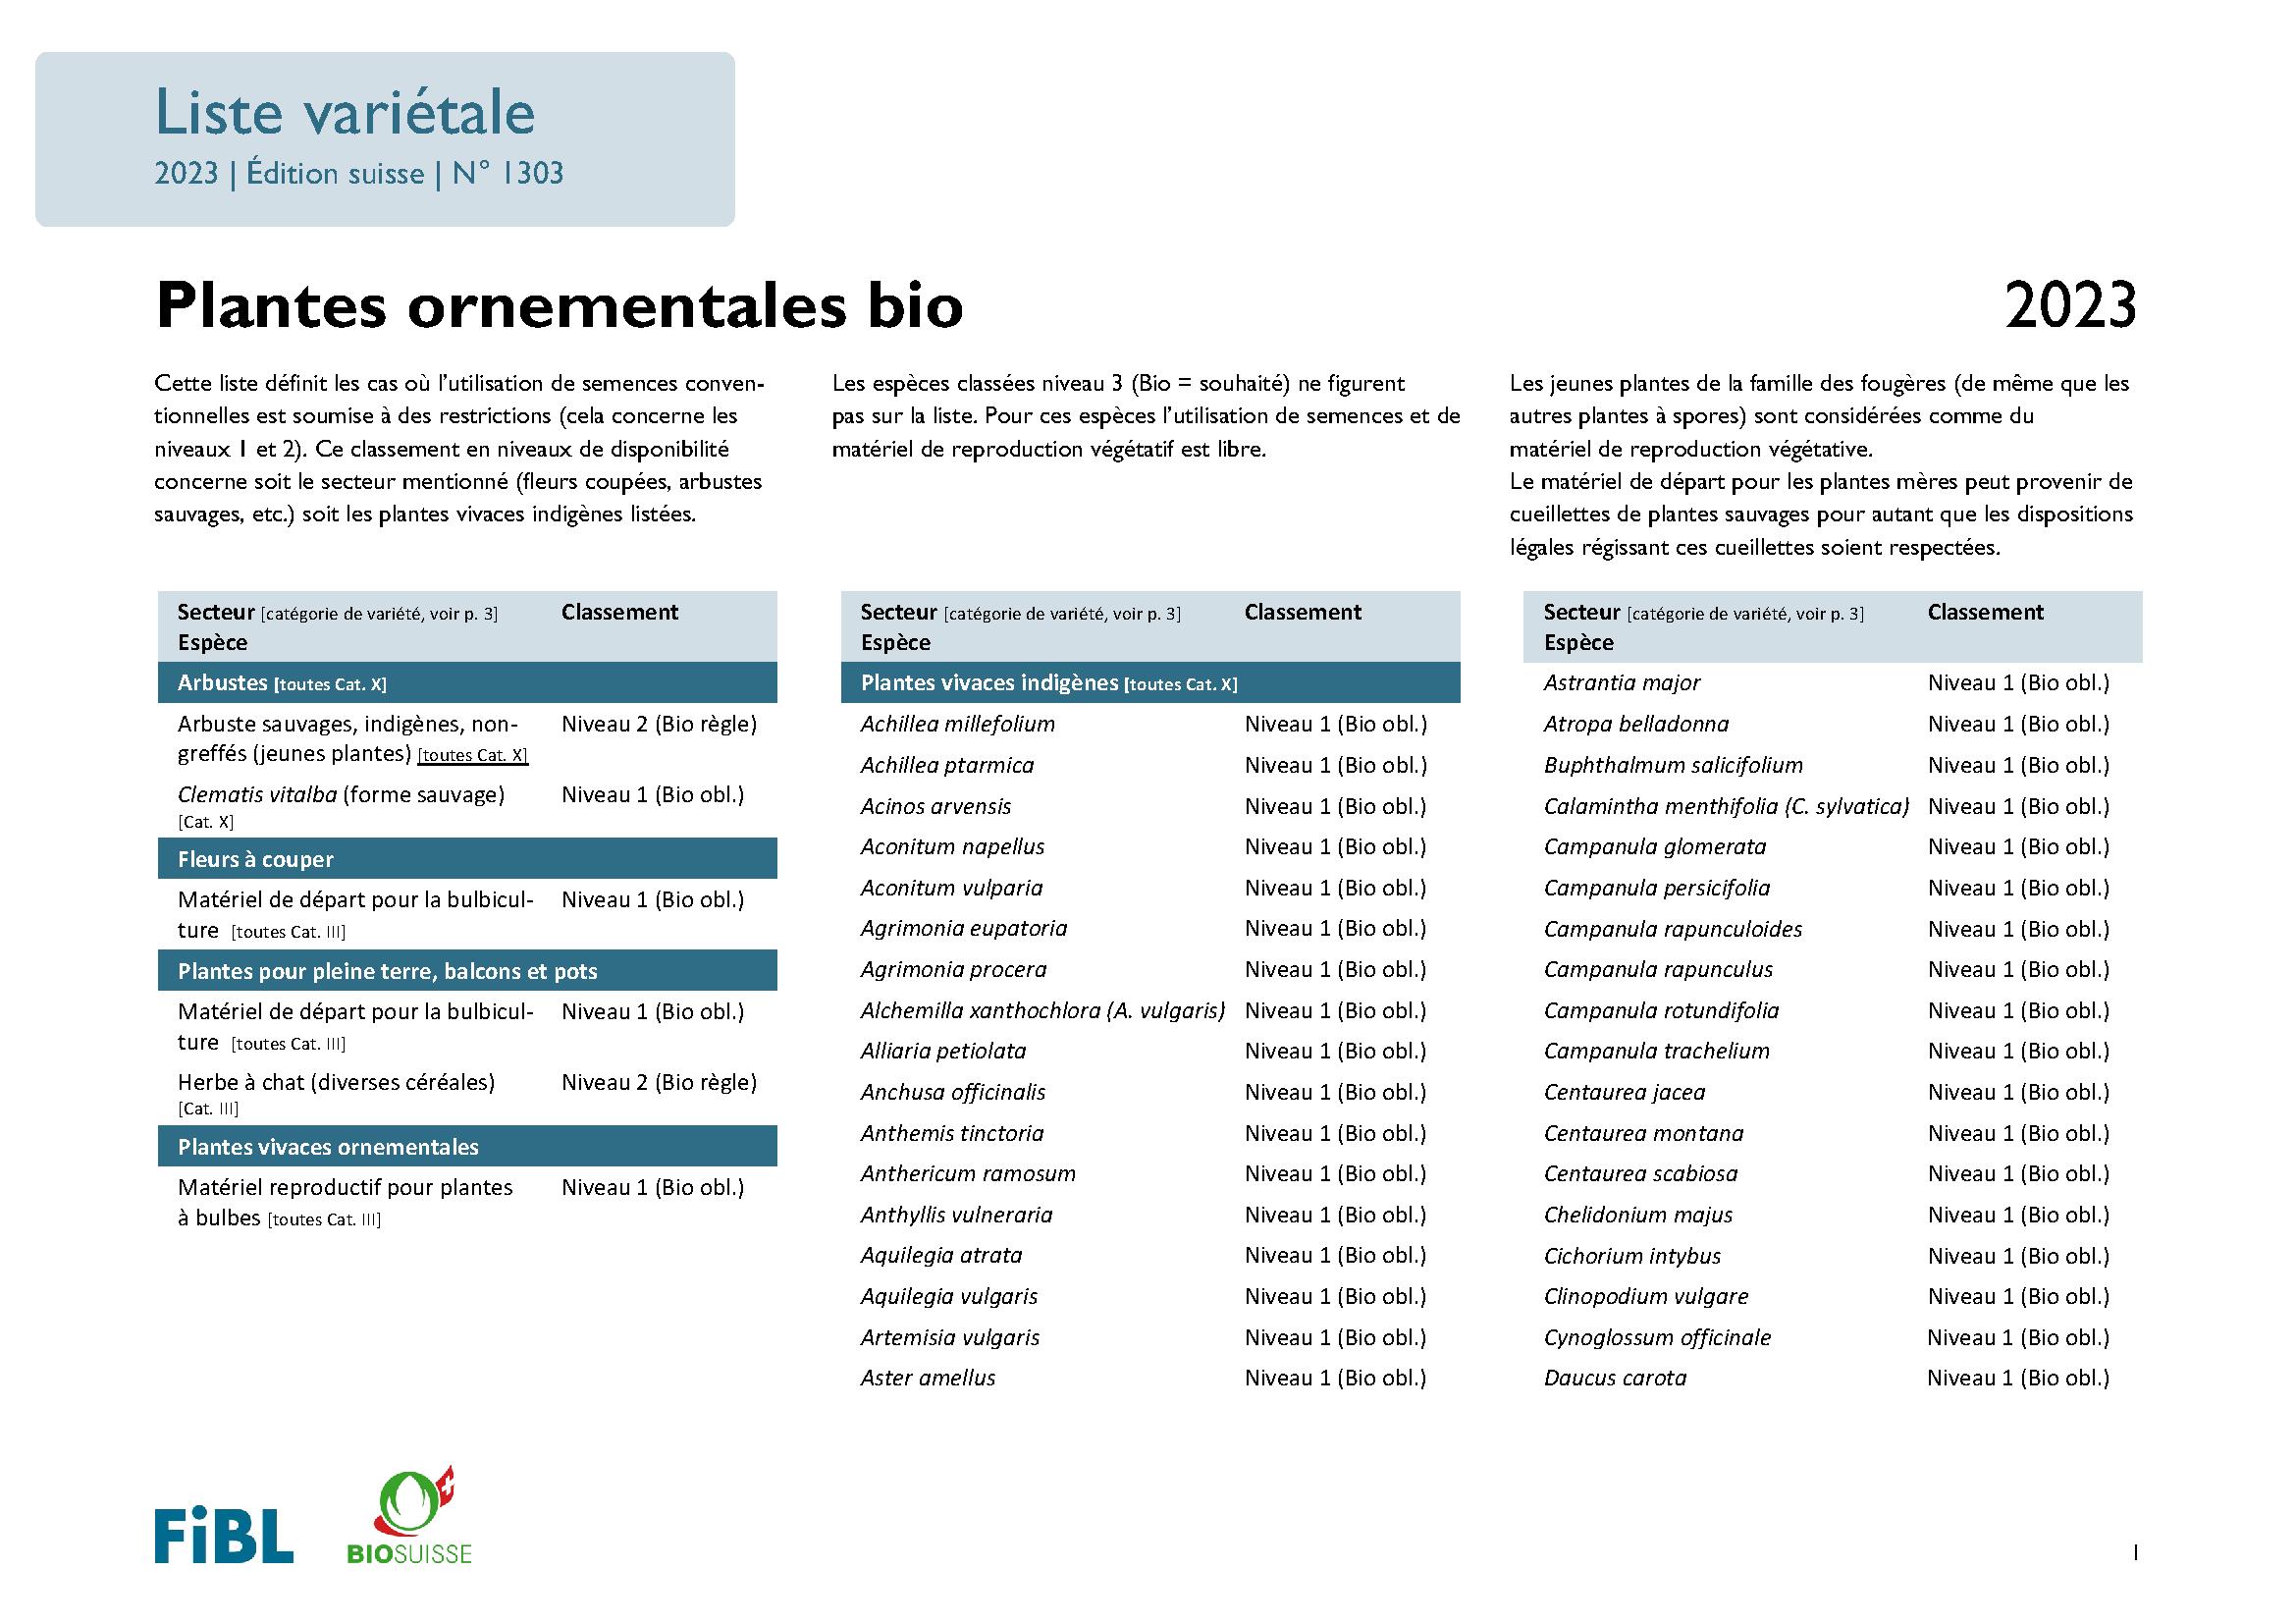 Liste variétale plantes ornementales bio